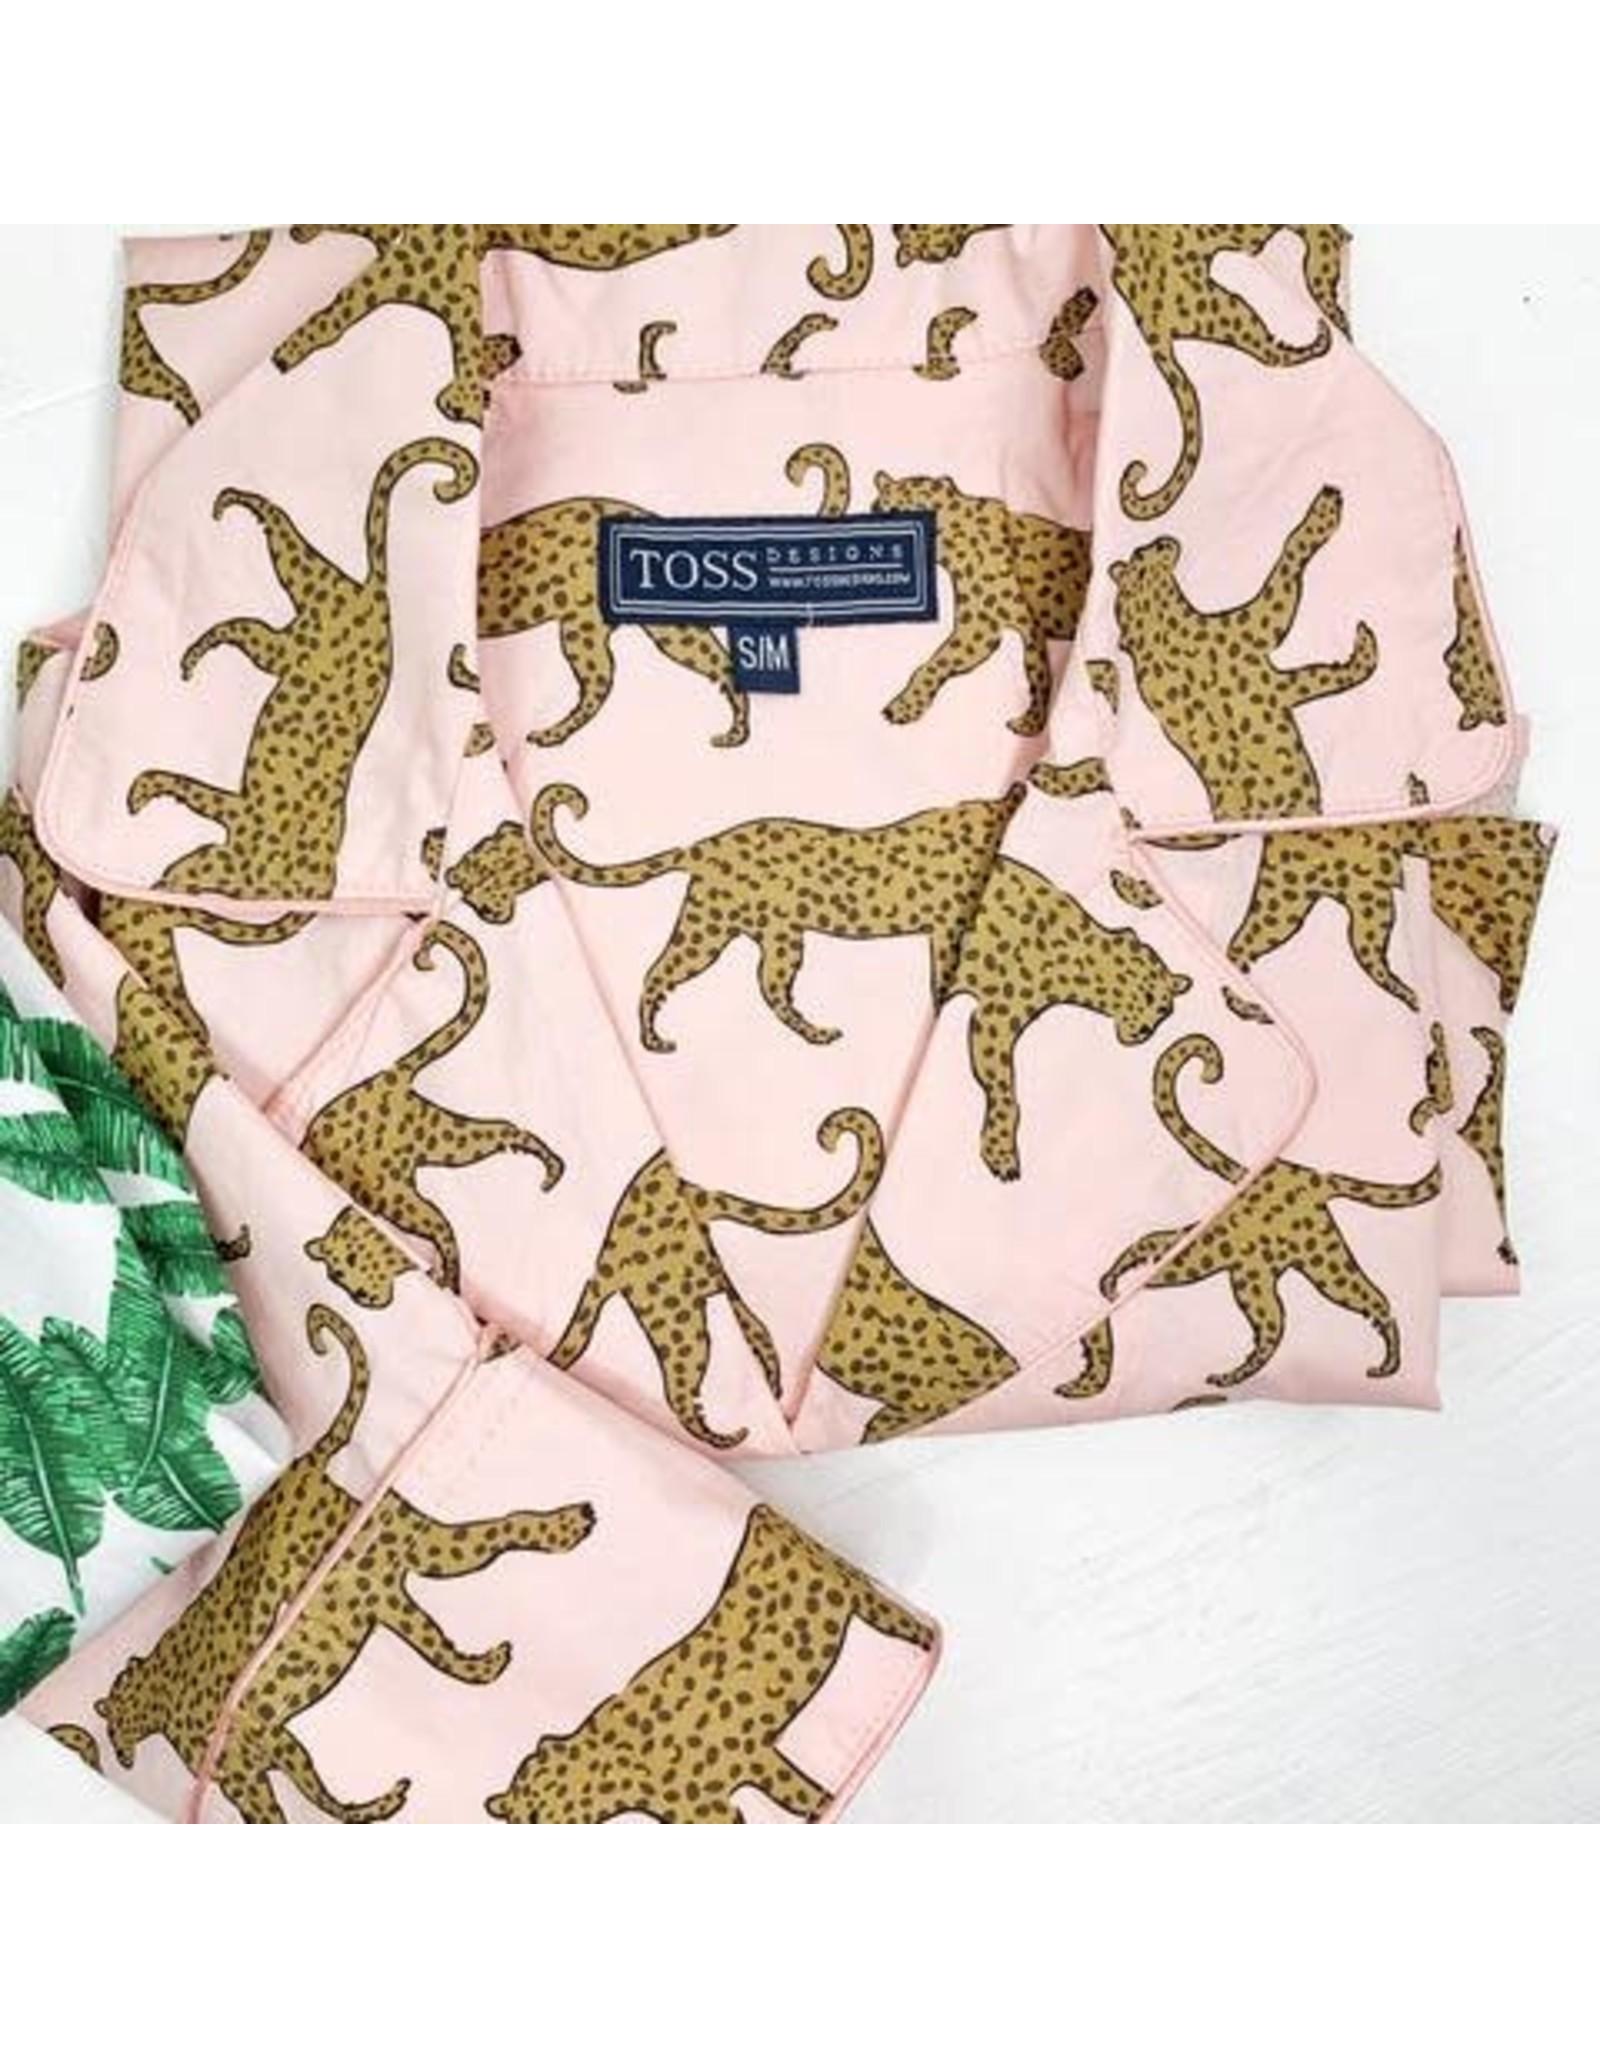 (S/M) Nightshirt: Leopard